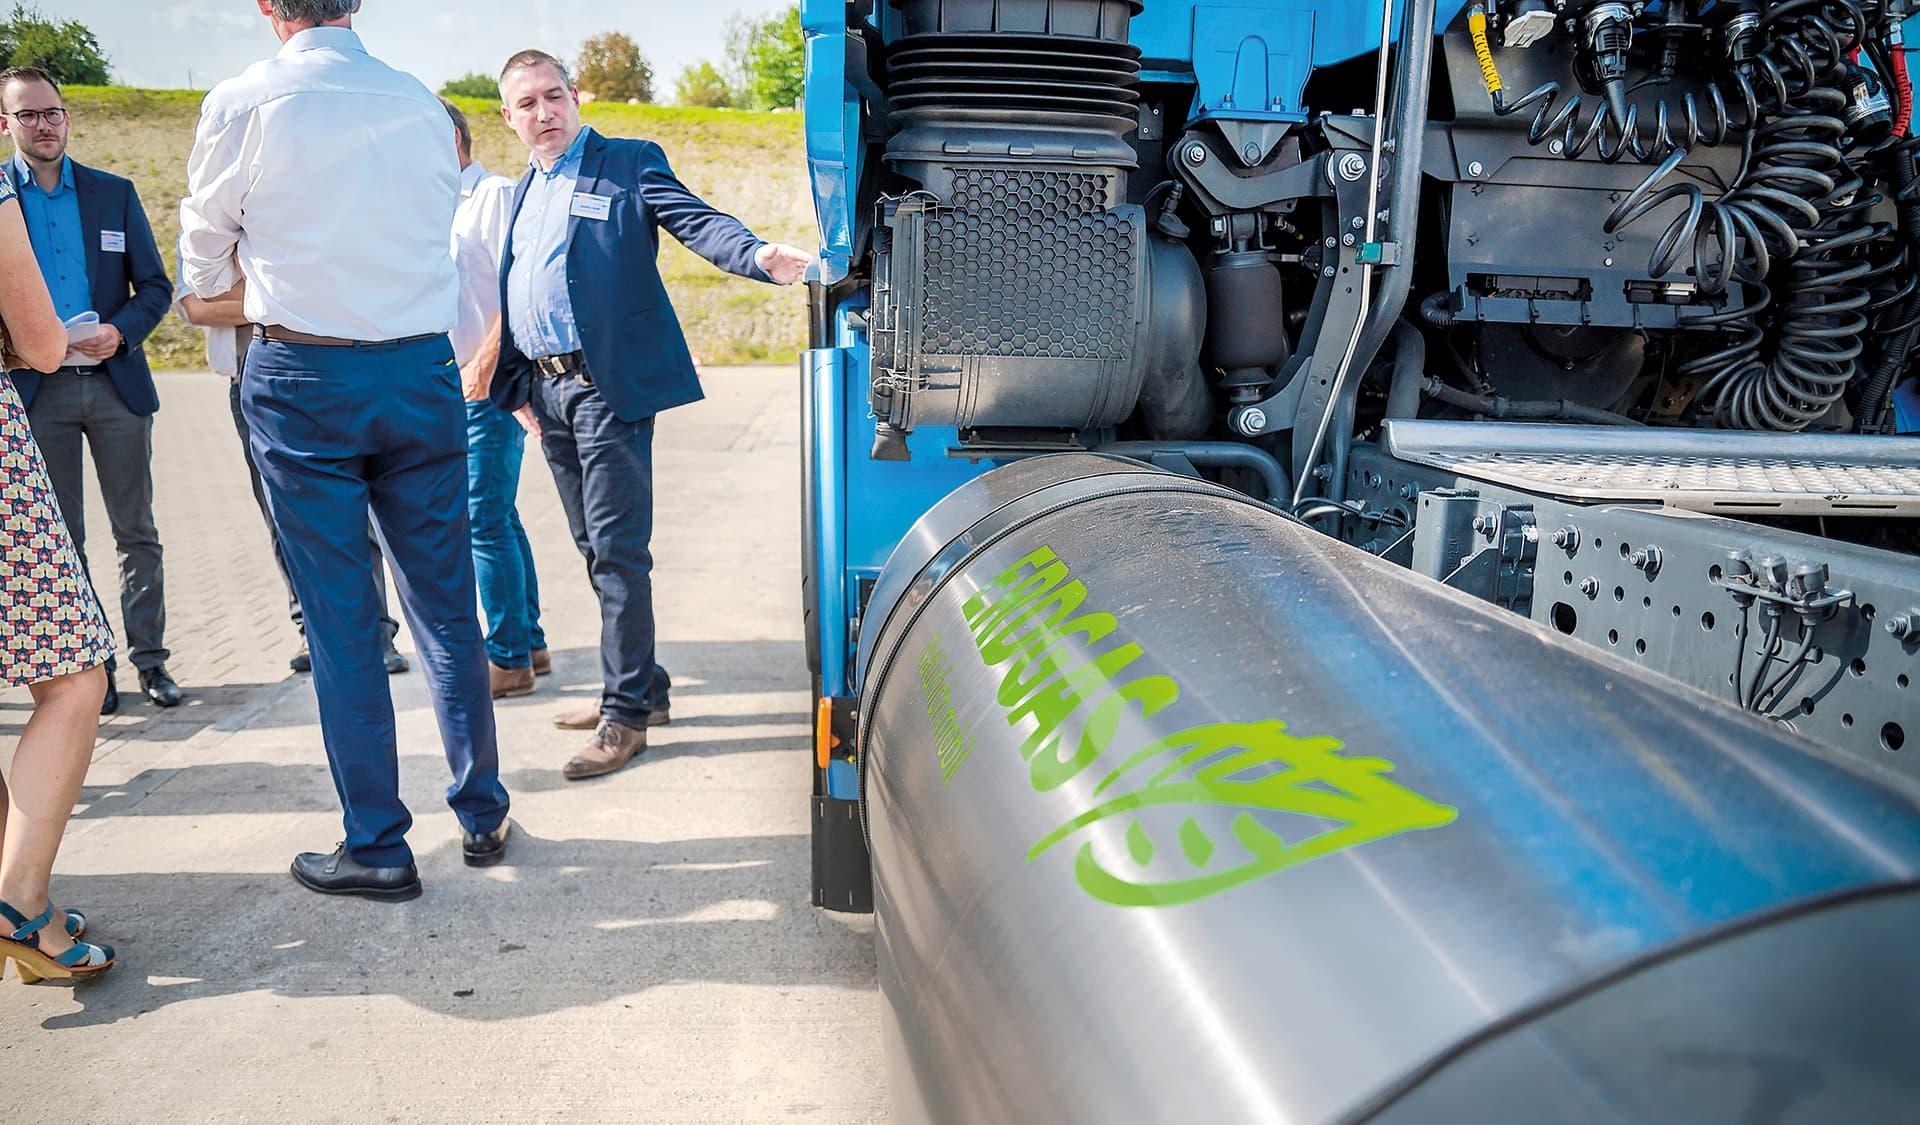 Erdgas Lkw bei Bodan